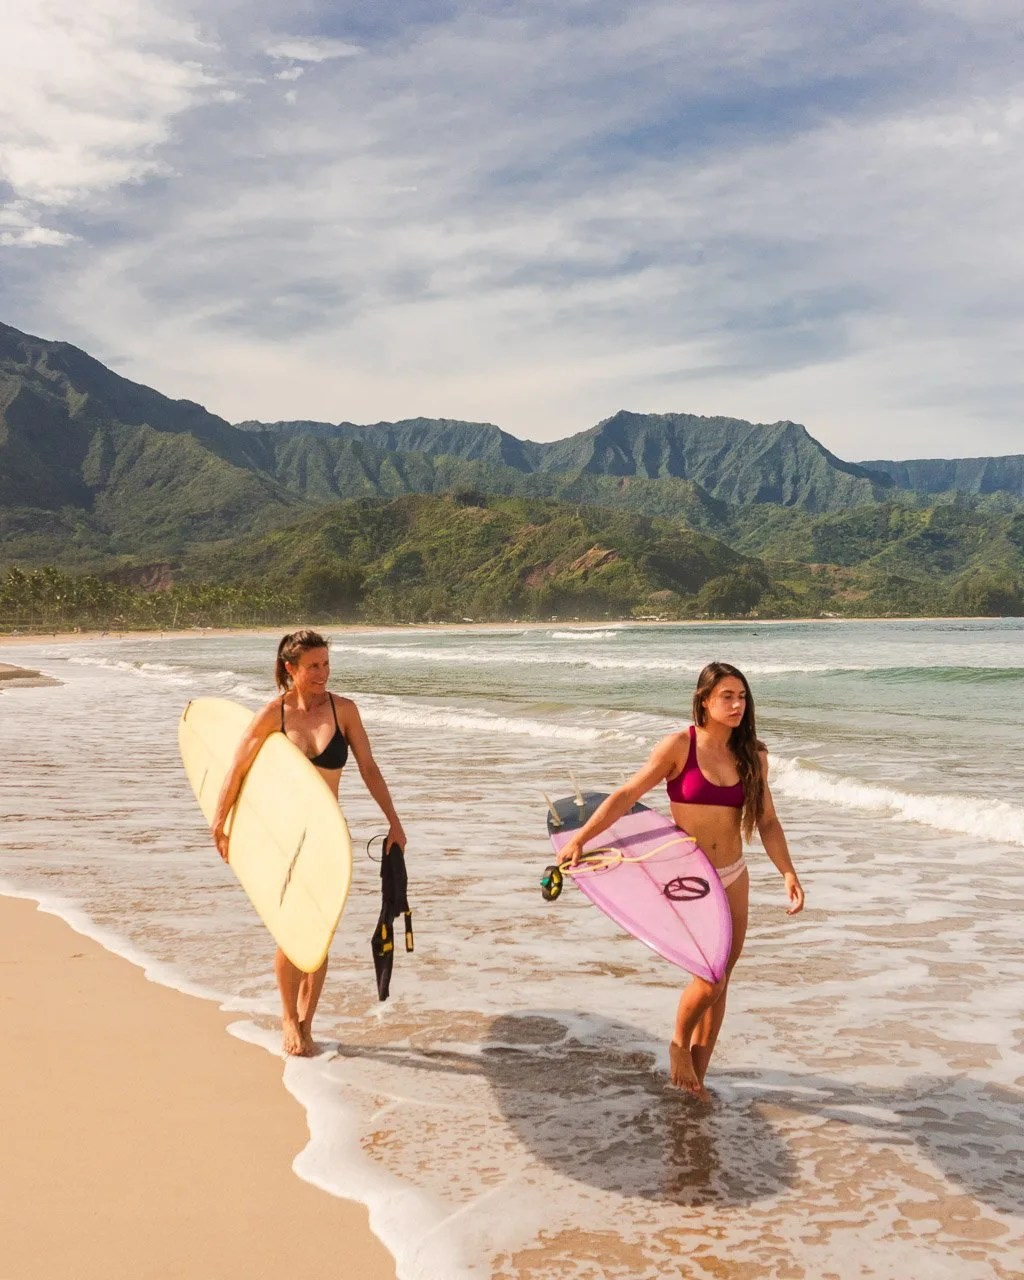 Surfing in Hanalei Bay